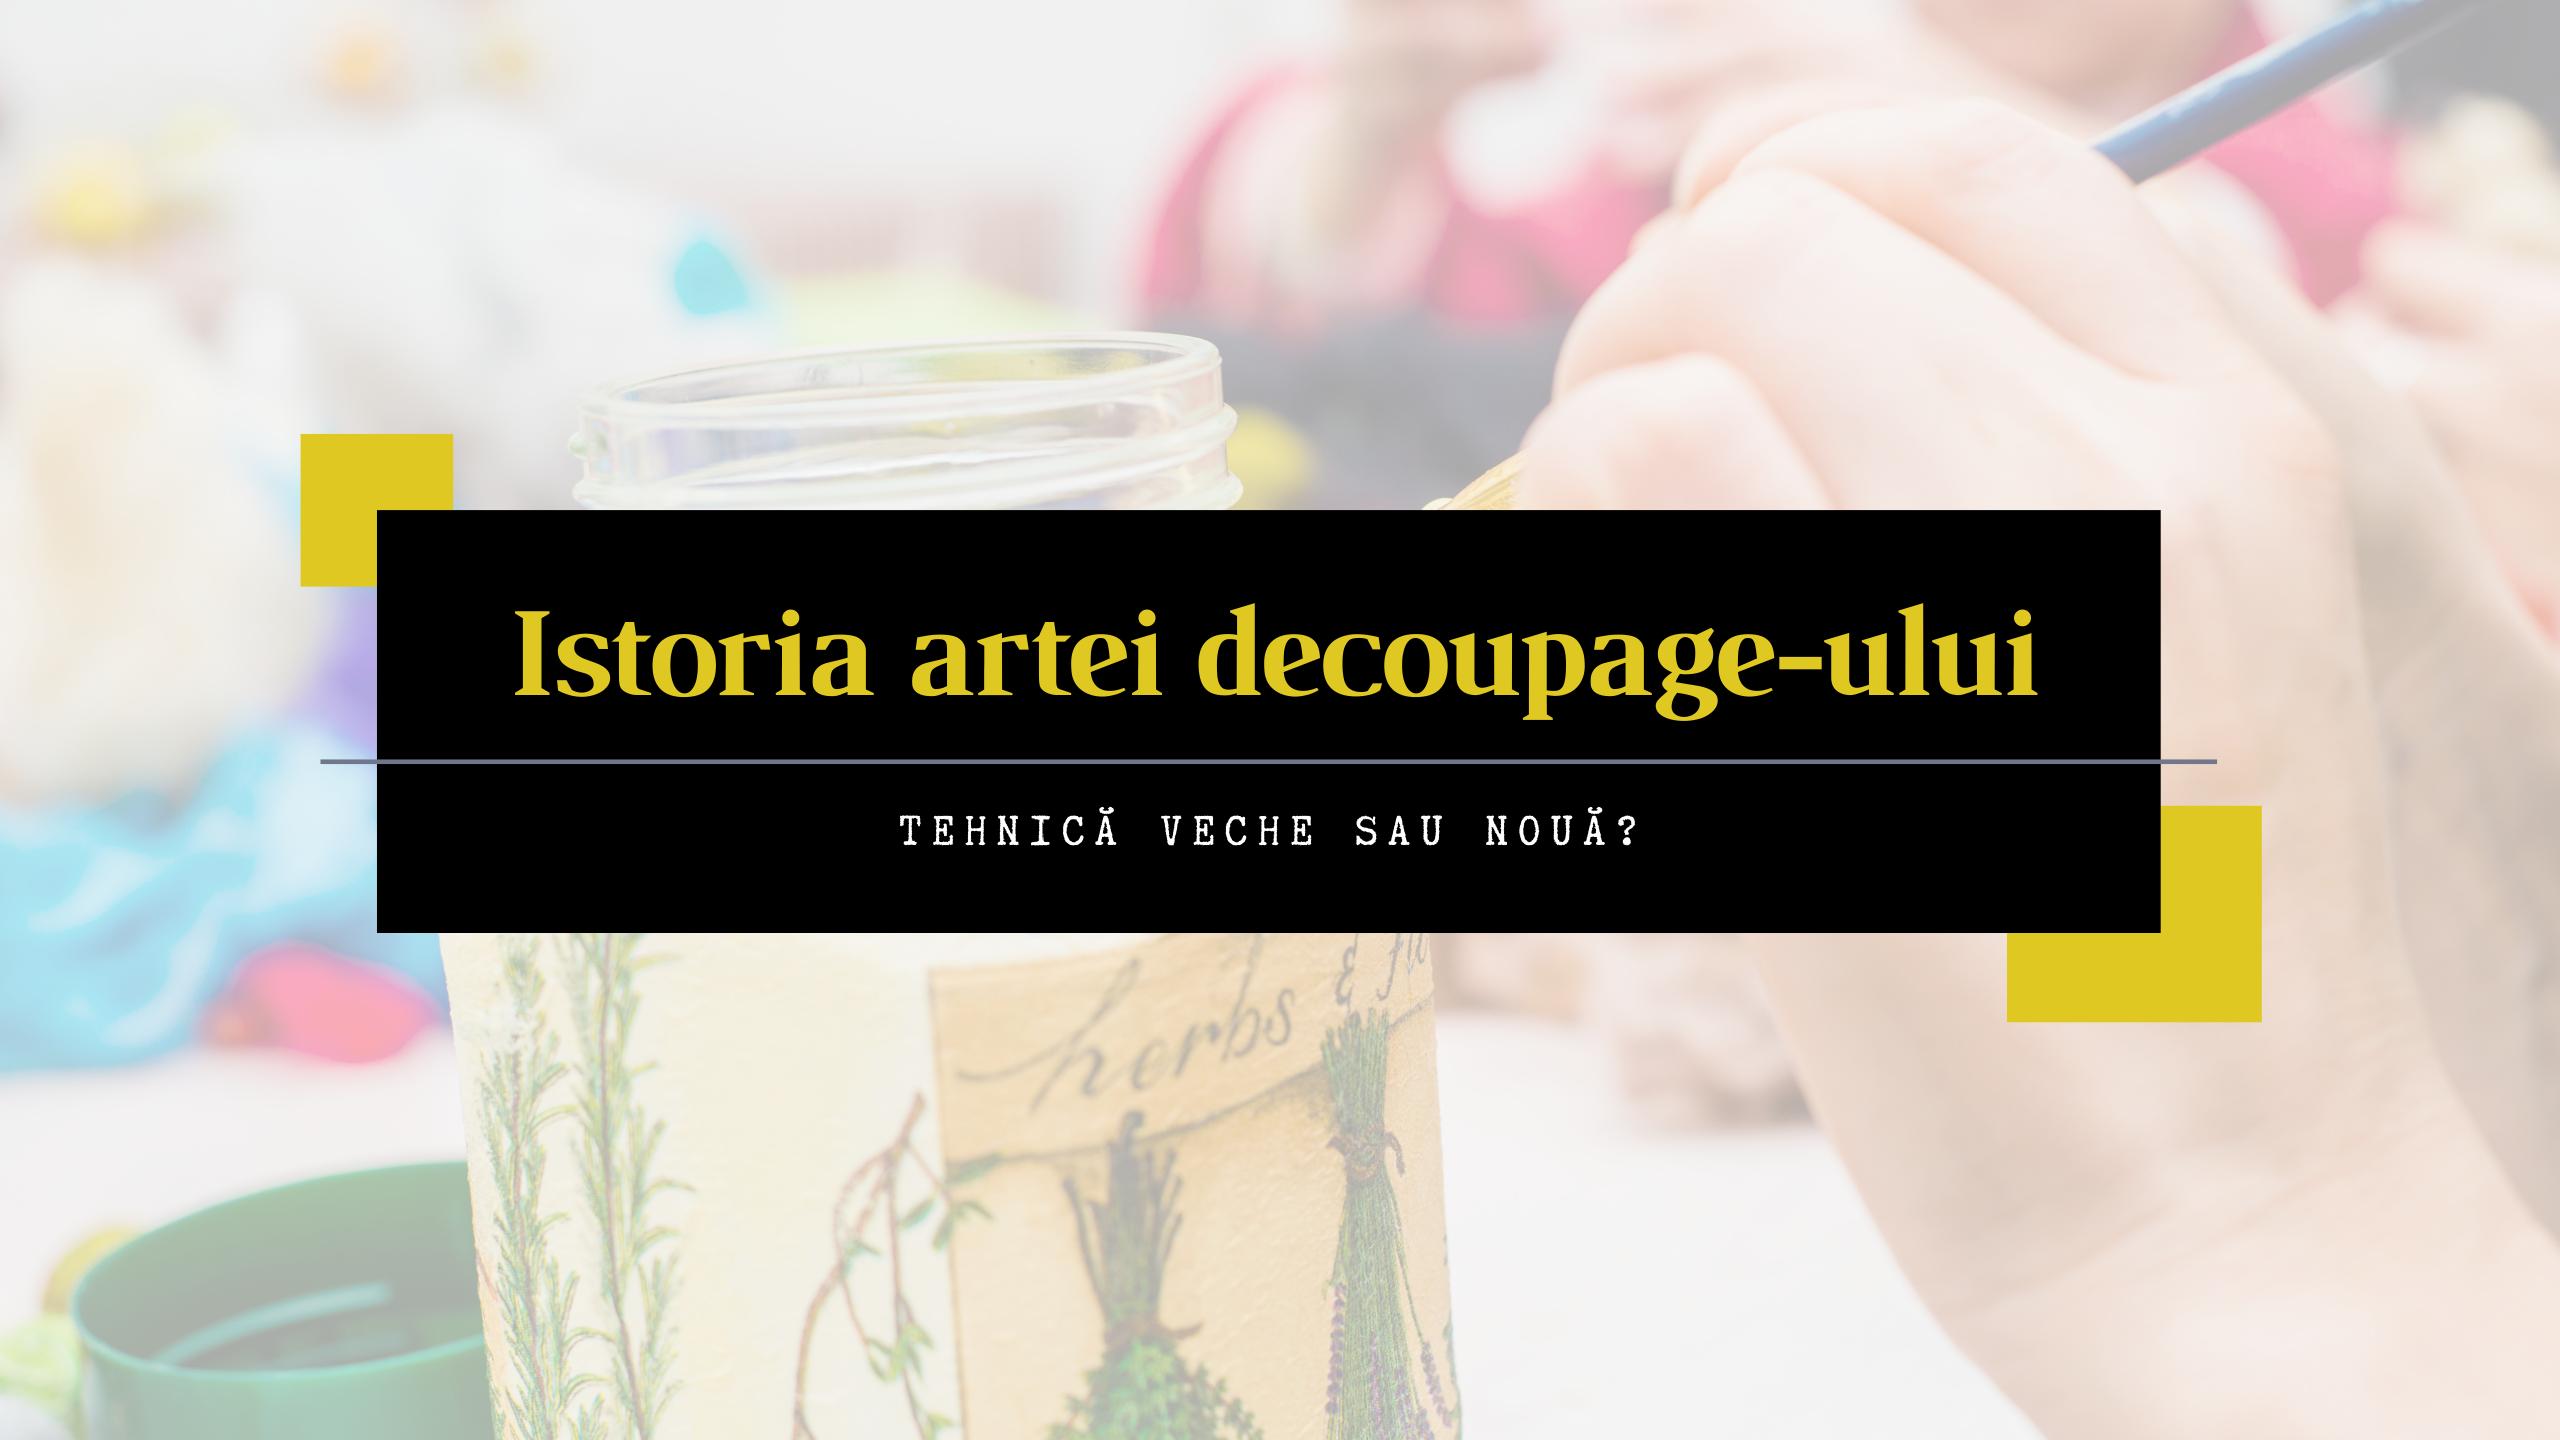 Istoria artei decoupage-ului. 43